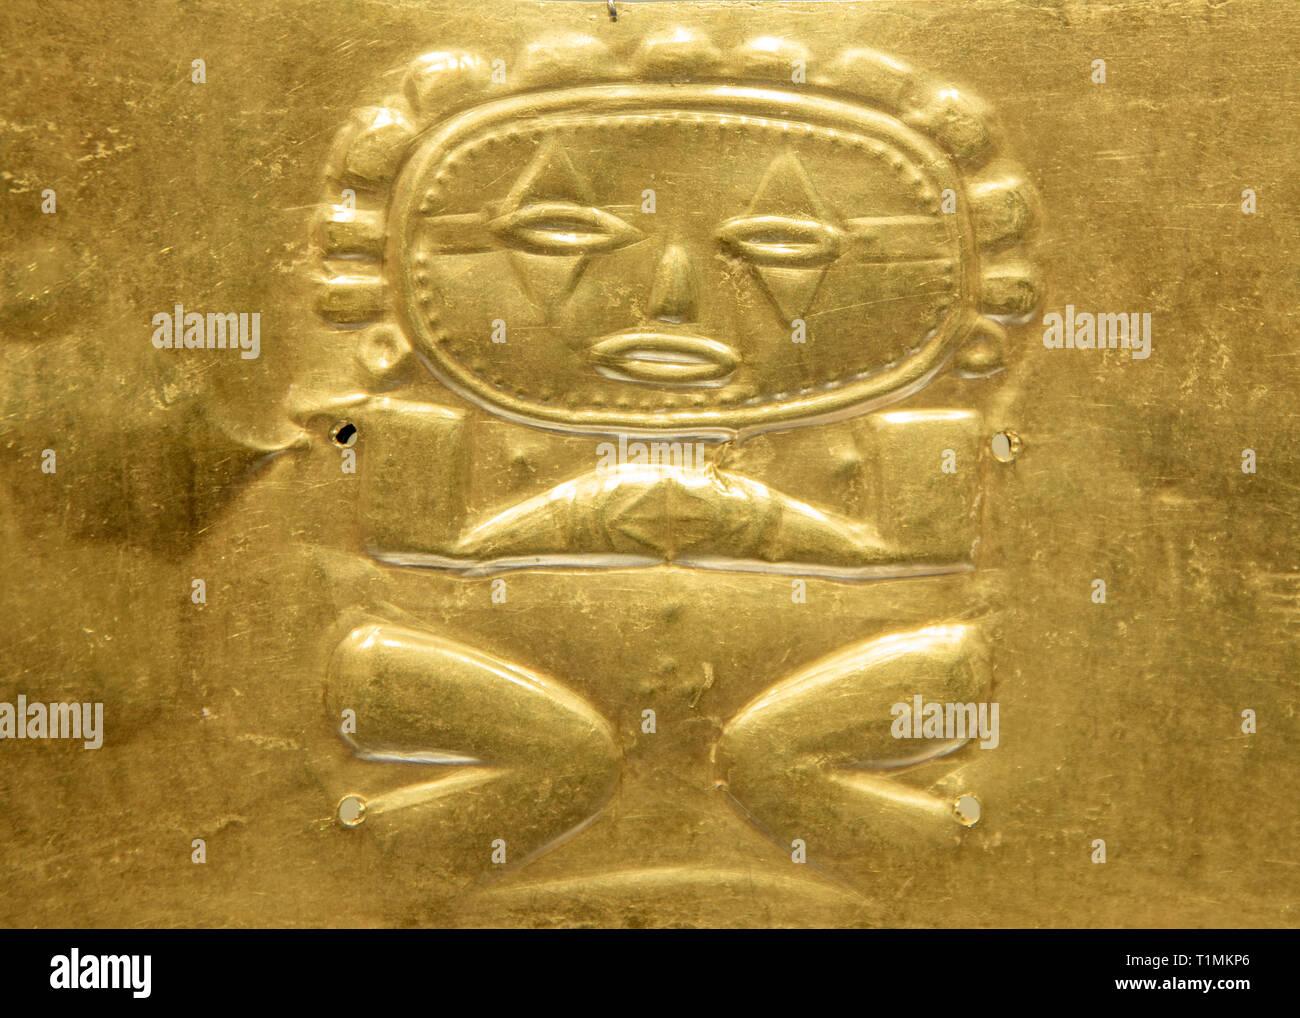 Antica pre-colombiano di artefatti nel Museo dell'oro, Colombia, Bogotà Immagini Stock